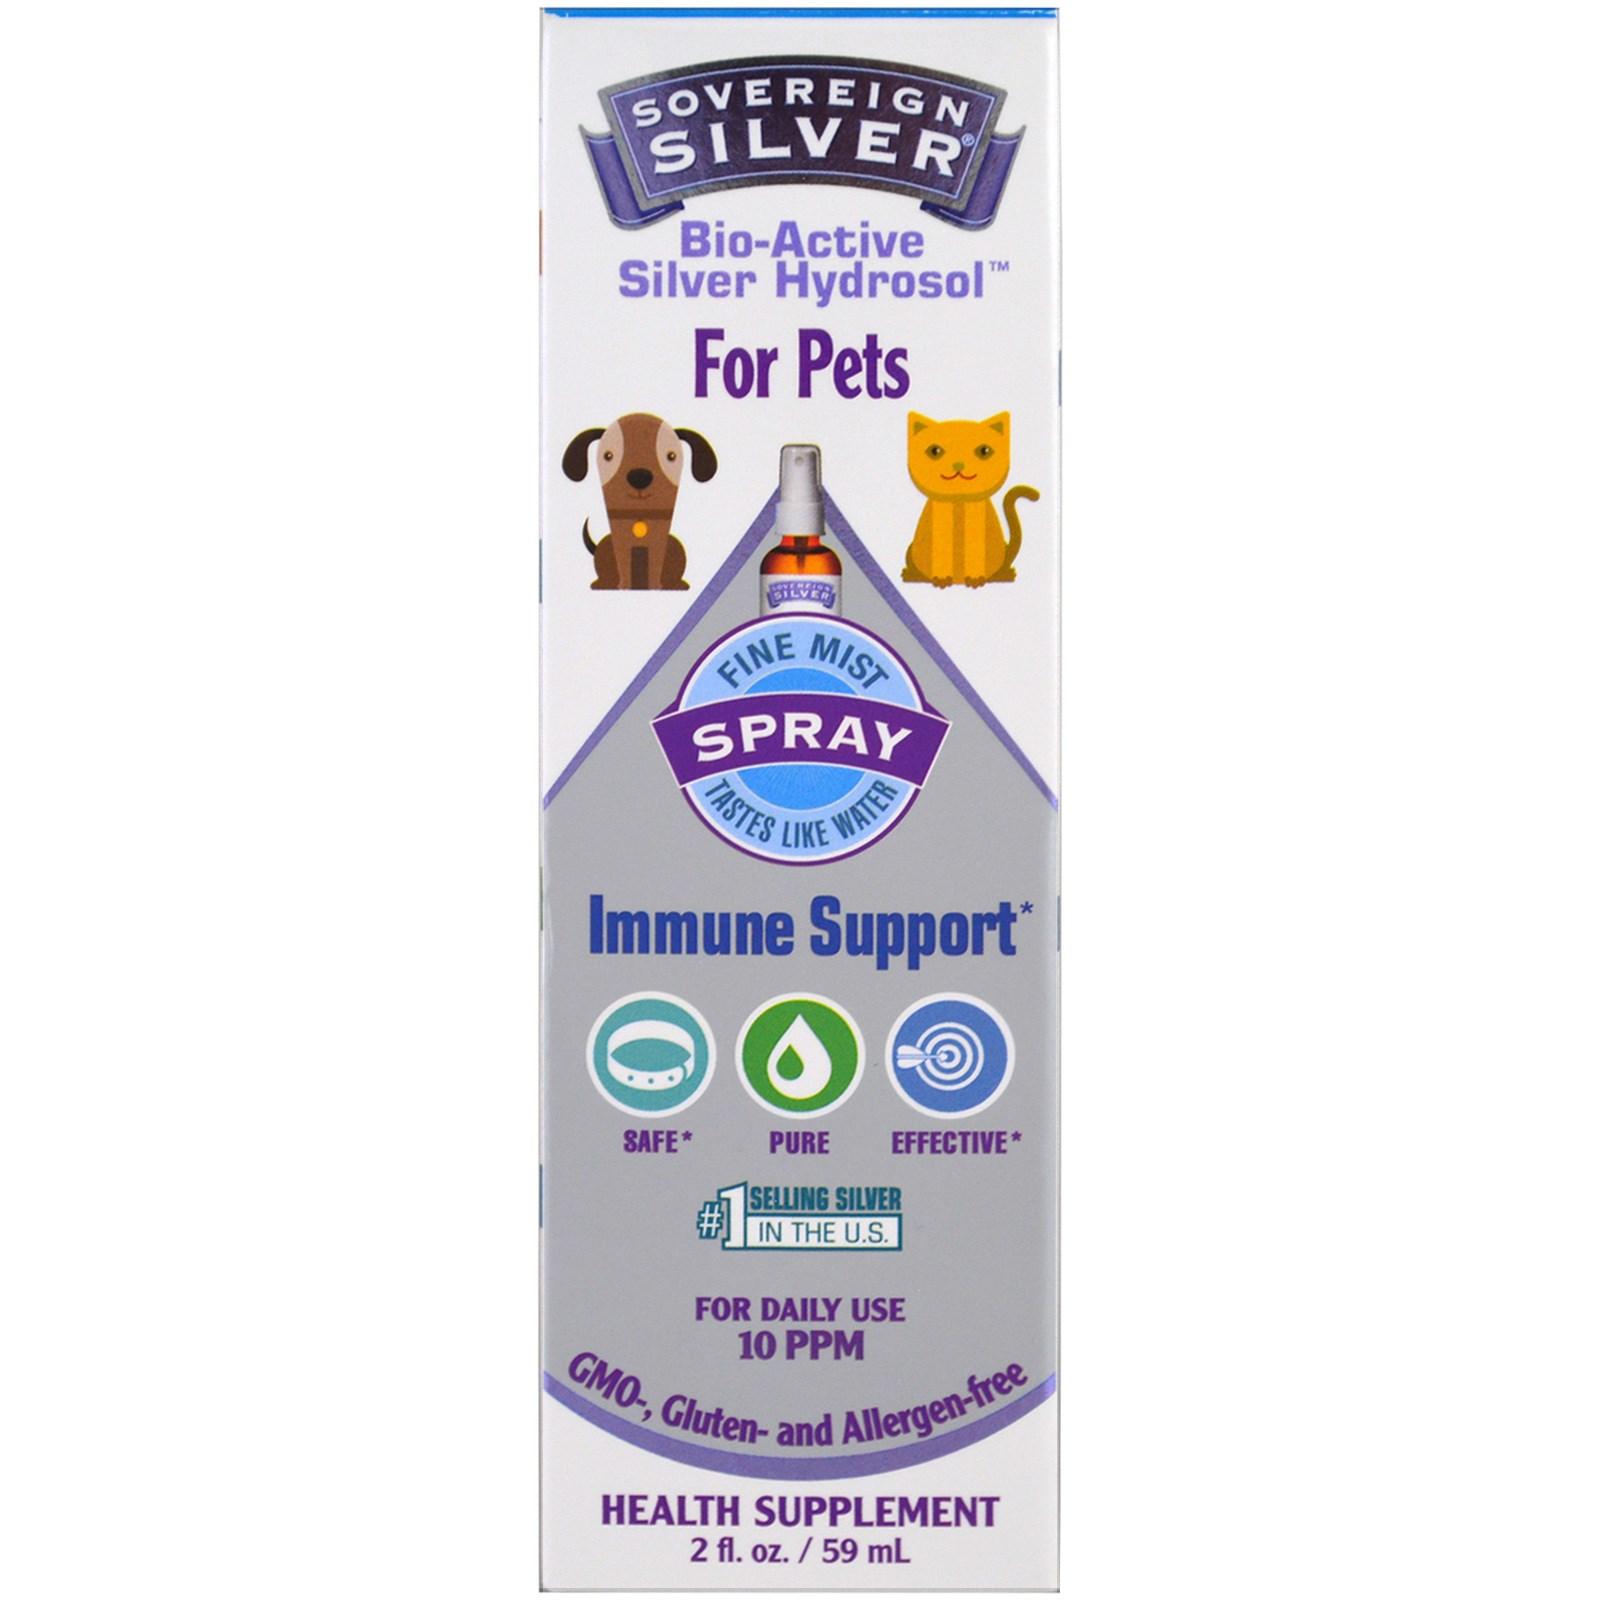 Sovereign Silver, Биоактивный серебряный гидрозоль, для животных, спрей для поддержки иммунитета, 2 унции (59 мл)